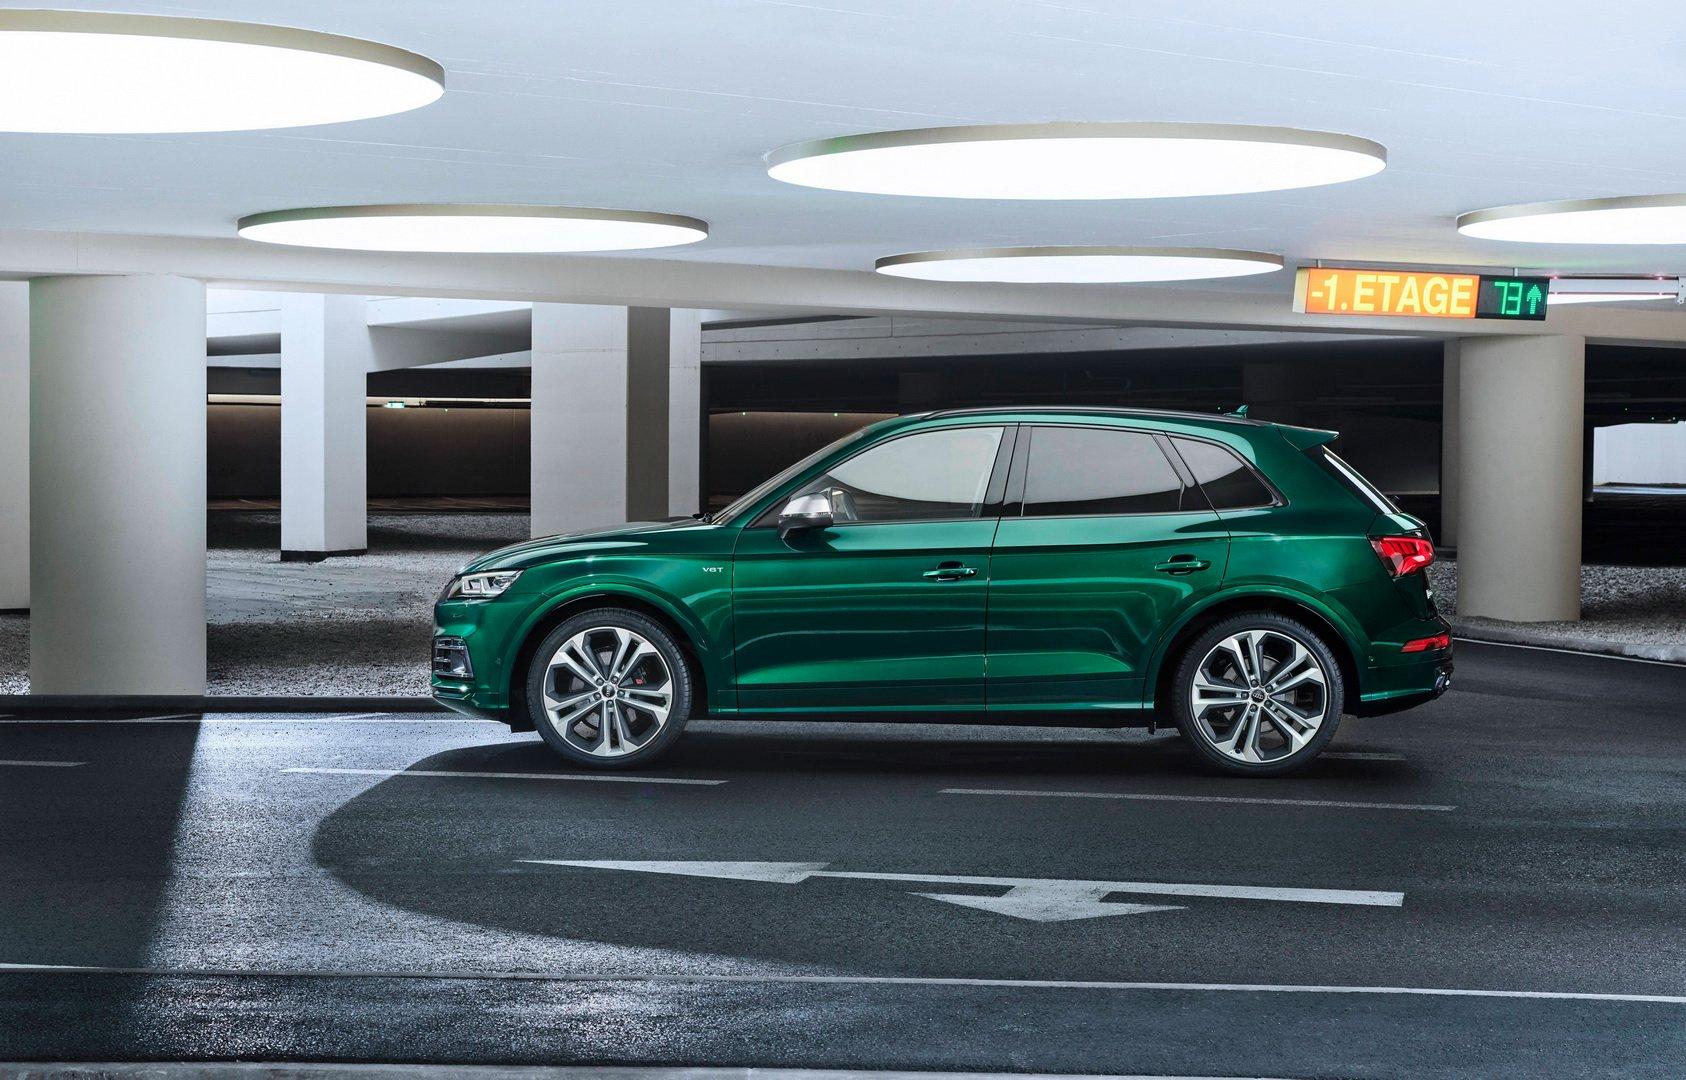 Audi SQ5 3.0V6 TDI mild hybrid